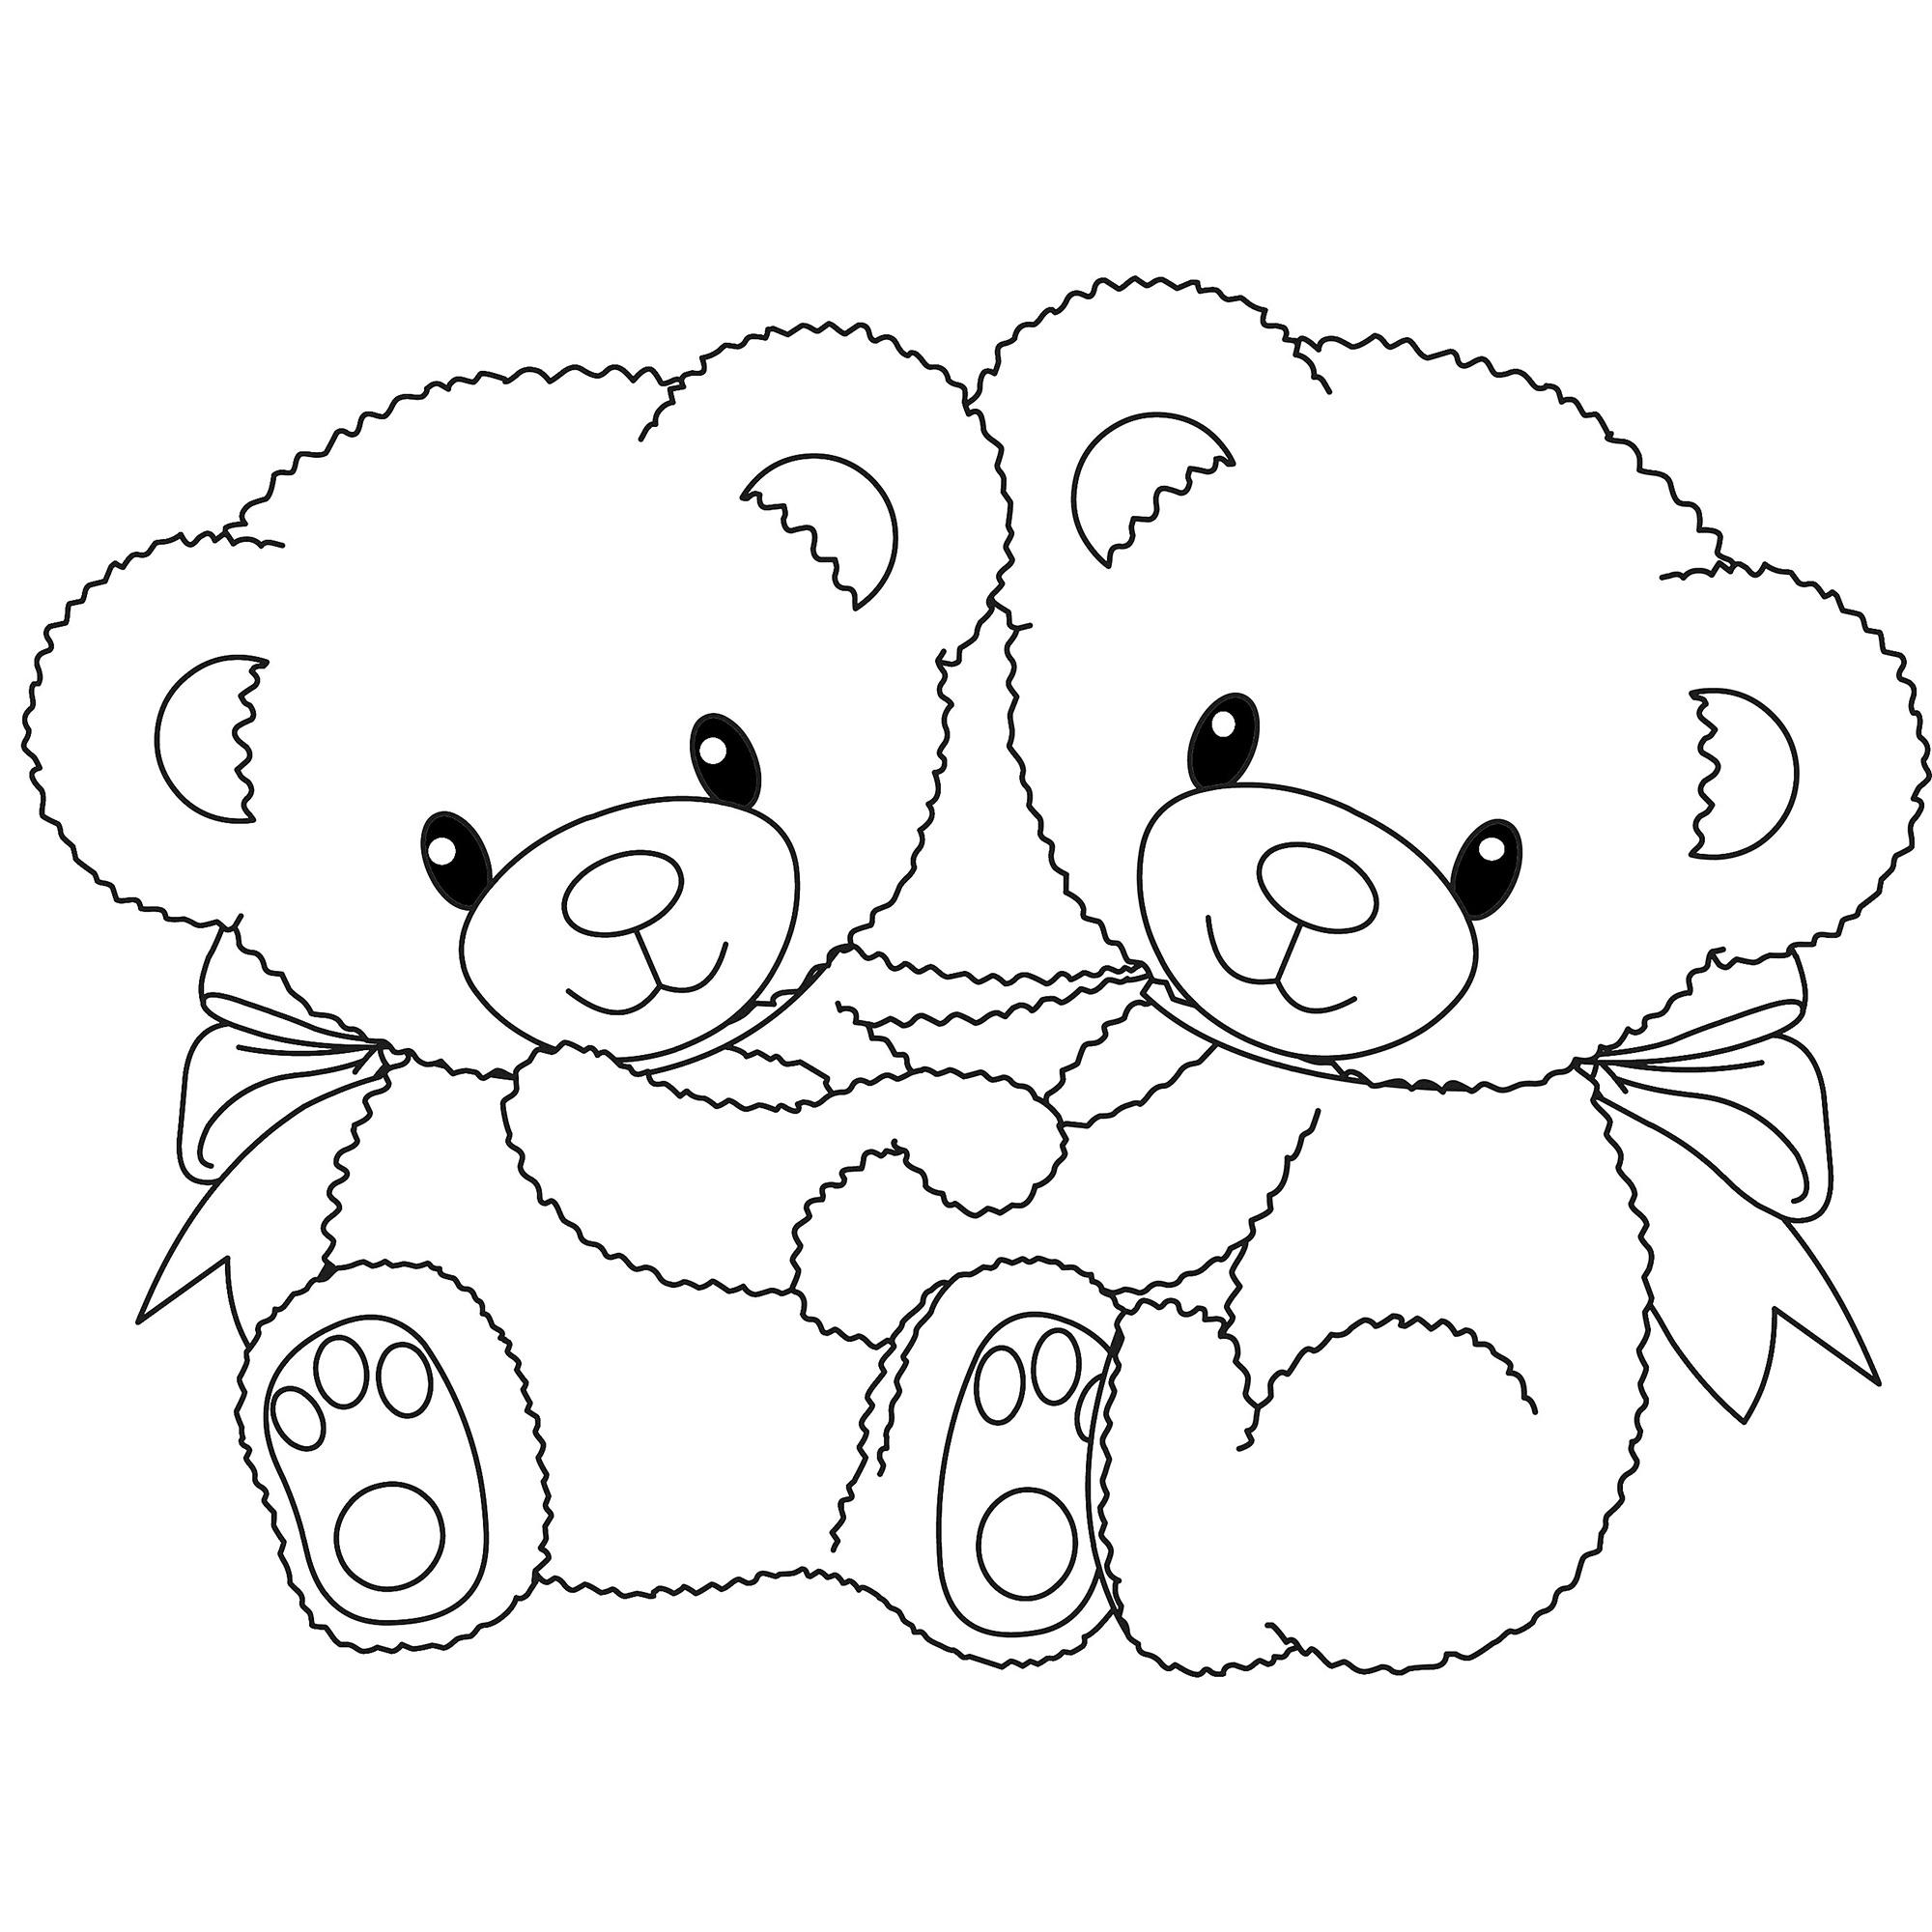 2000x2000 Teddy Bear With Heart Sketch Drawn Teddy Bear Heart Outline